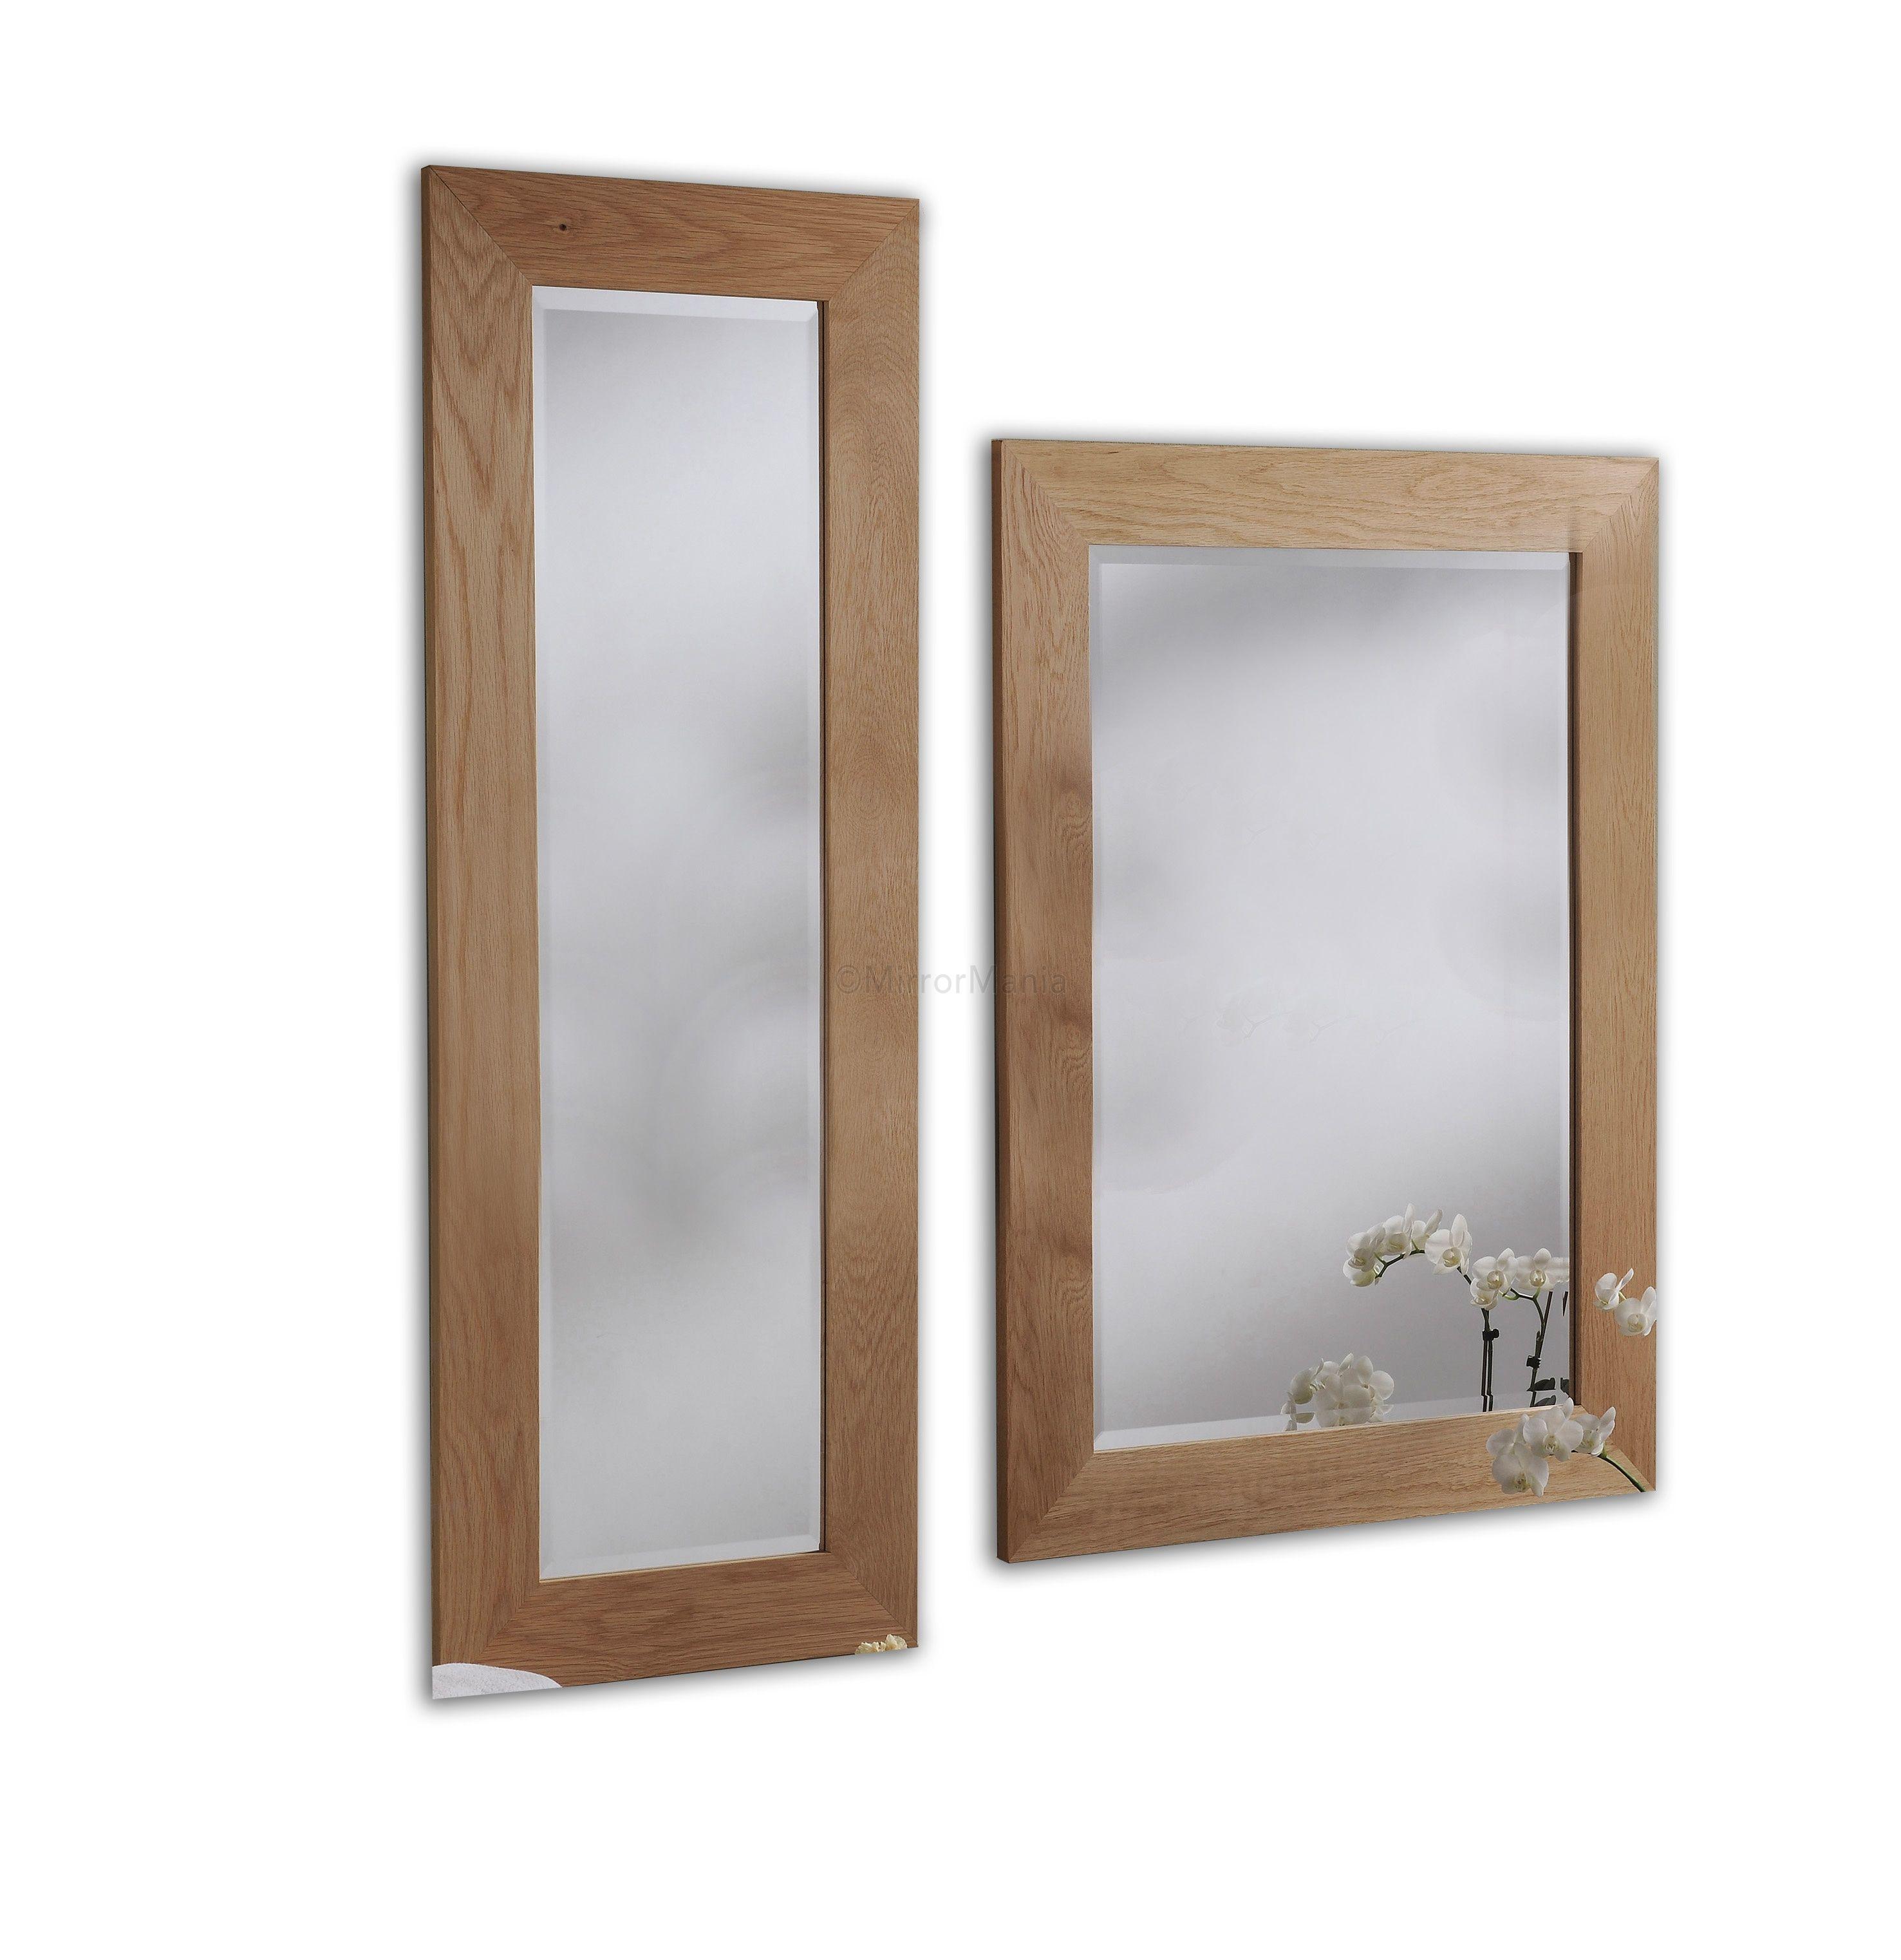 Monica Natural Oak Framed Handmade Wall Mirrors